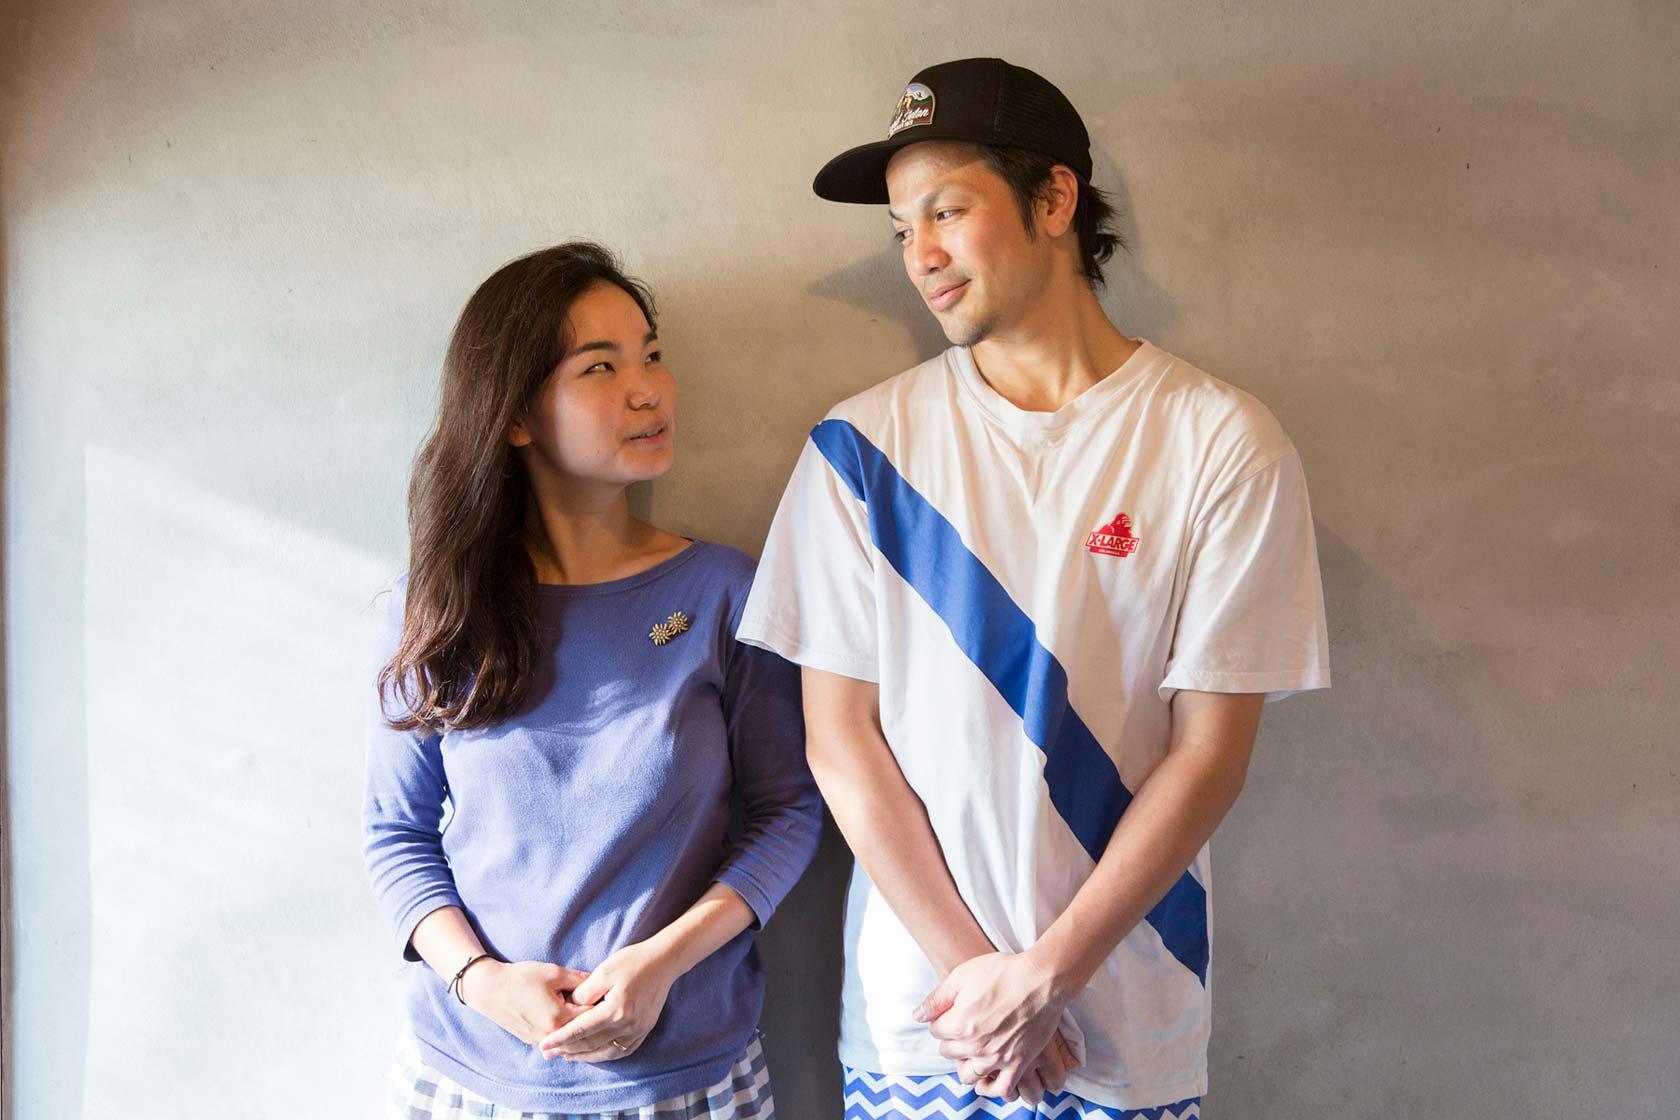 長野愛德華和妻子。攝影 / 近藤悟